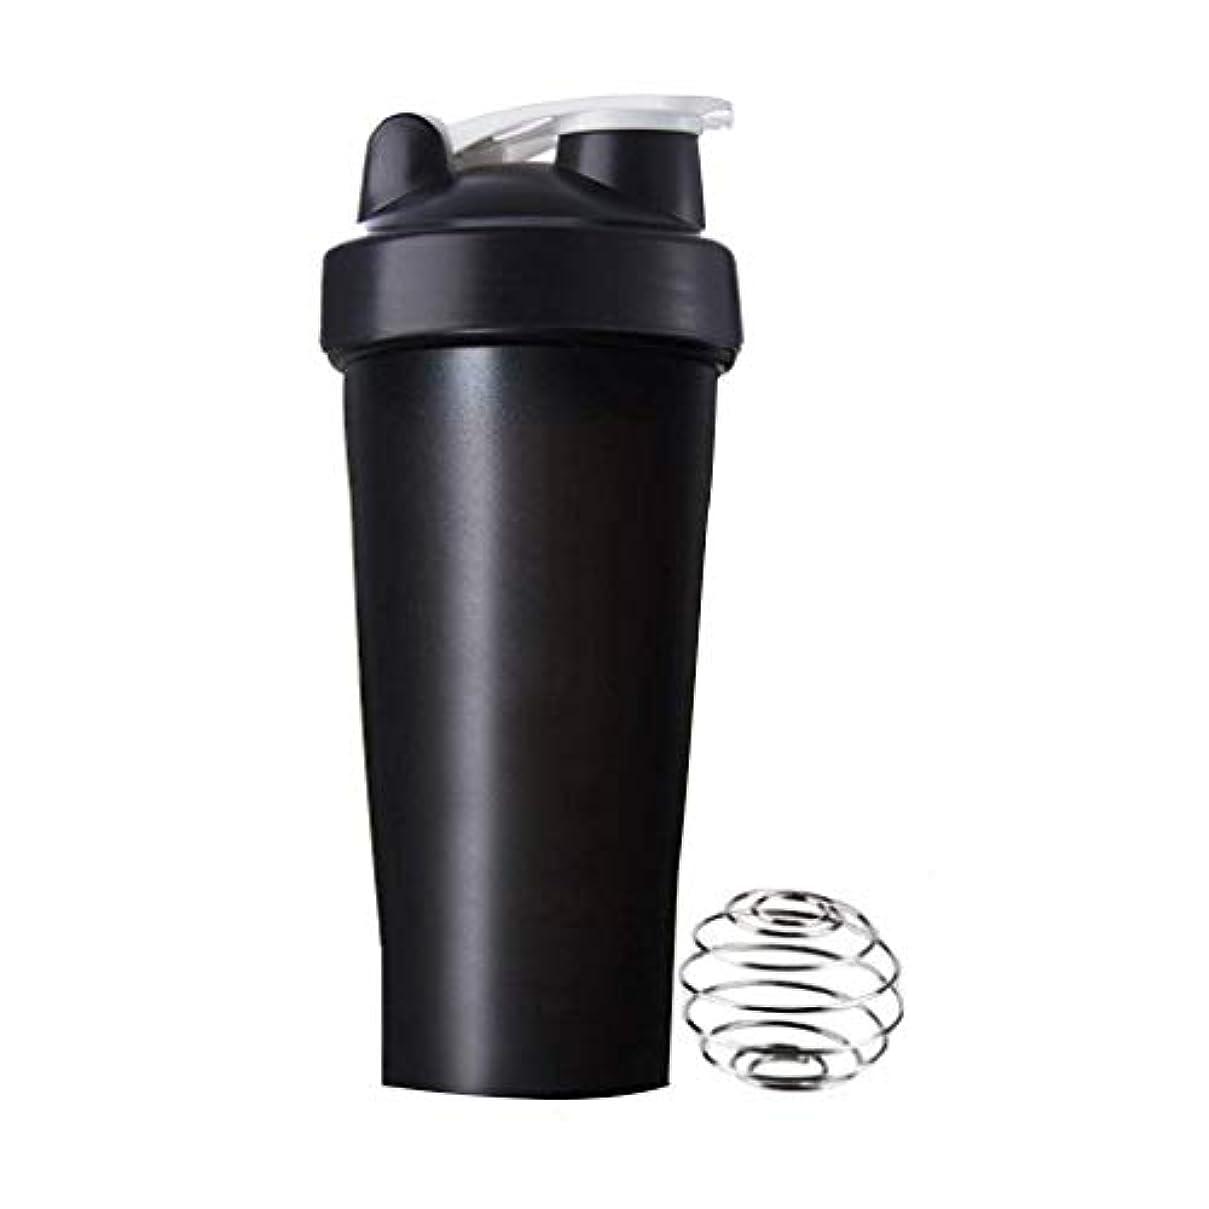 アクチュエータ露骨な限りLindexs プロテインシェイカー 直飲み プラスチックウォーターボトル ジム シェーカーボトル 600ml